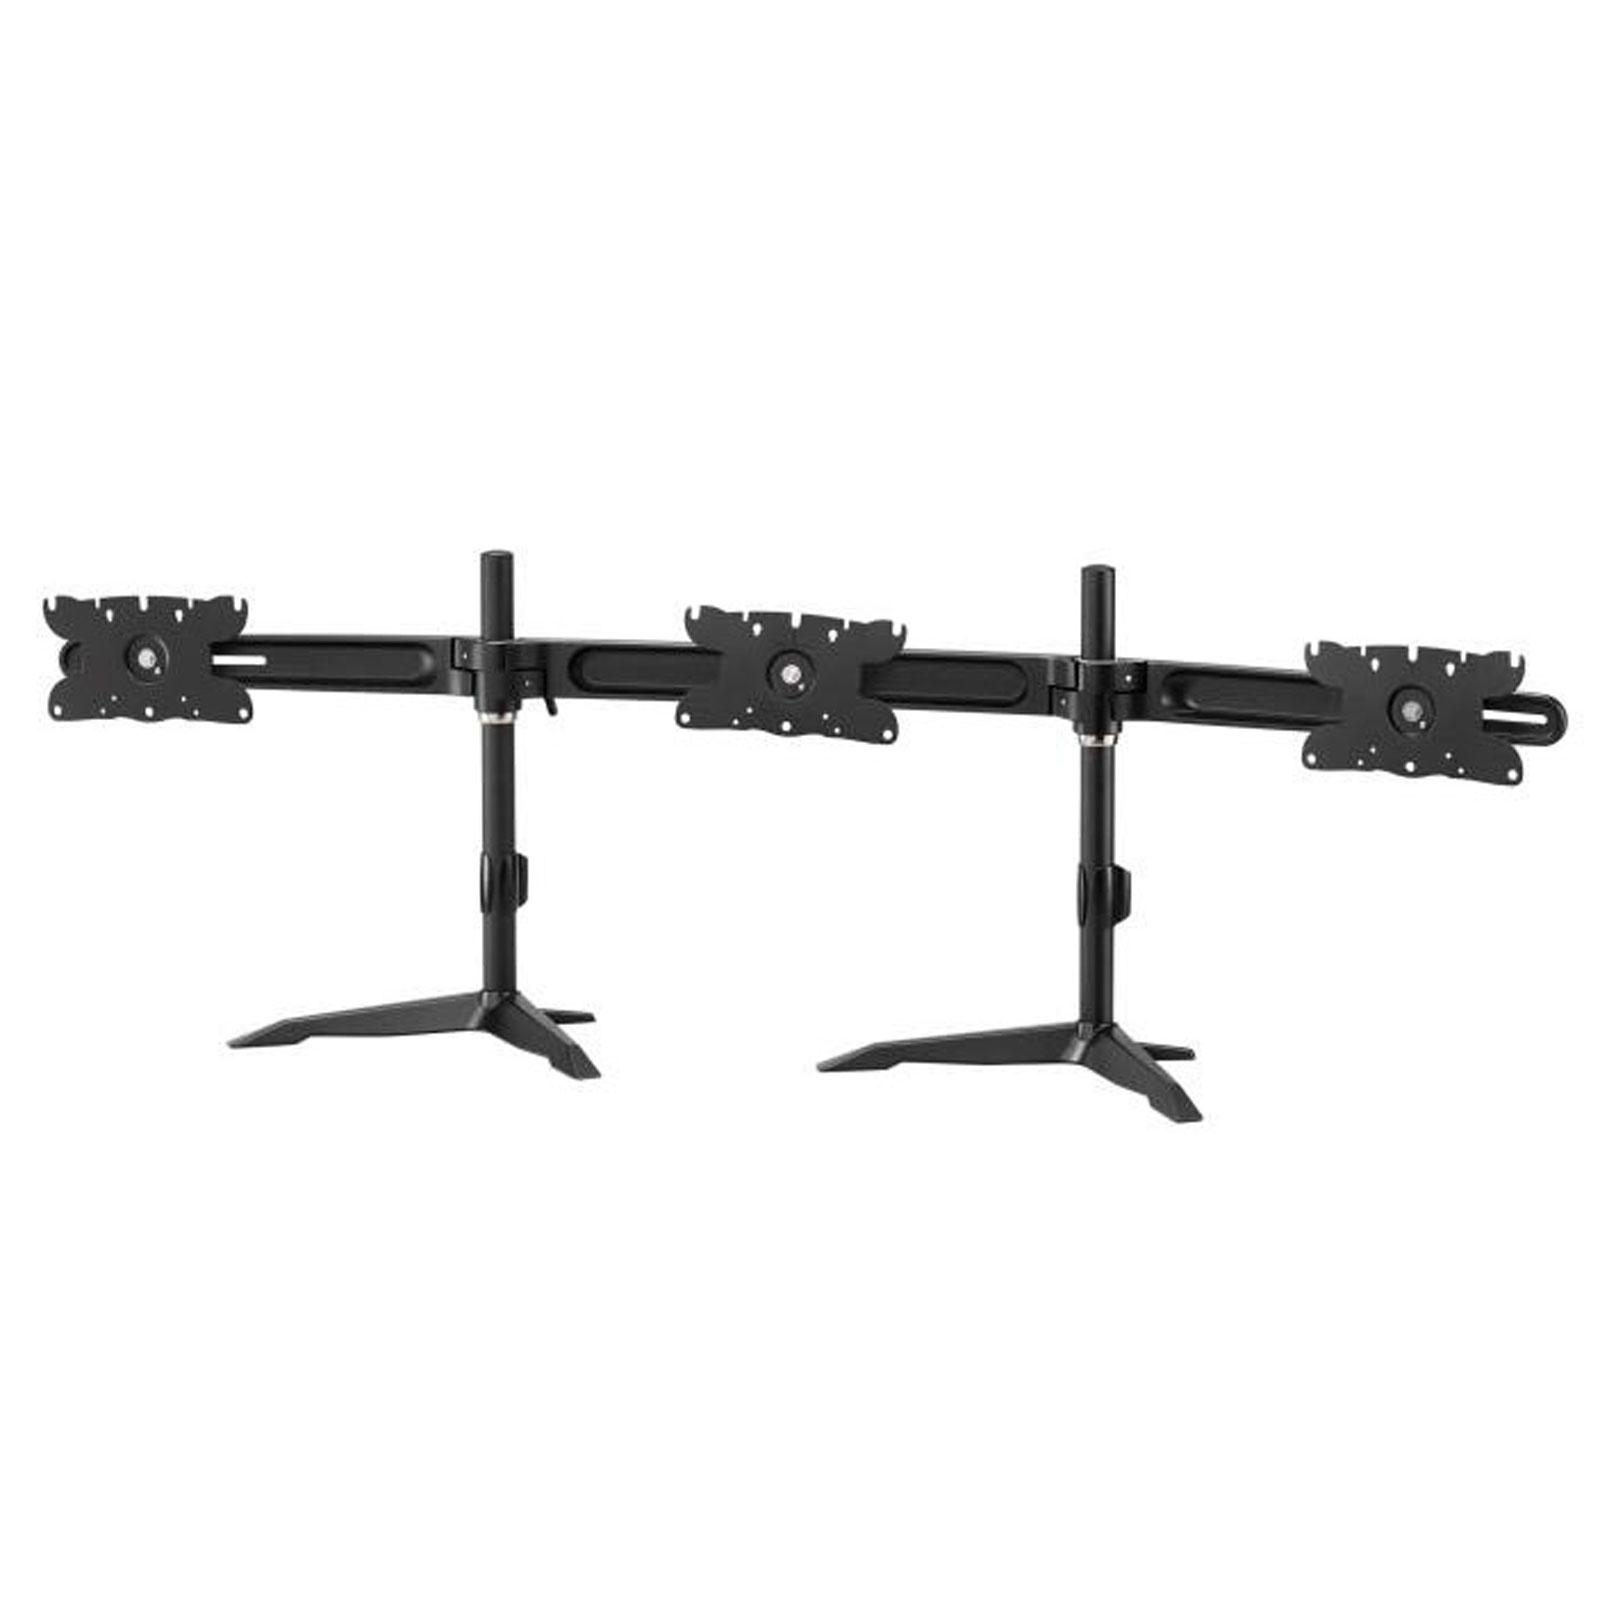 ldlc support pour 3 crans plats de 24 32 bras pied ldlc sur ldlc. Black Bedroom Furniture Sets. Home Design Ideas